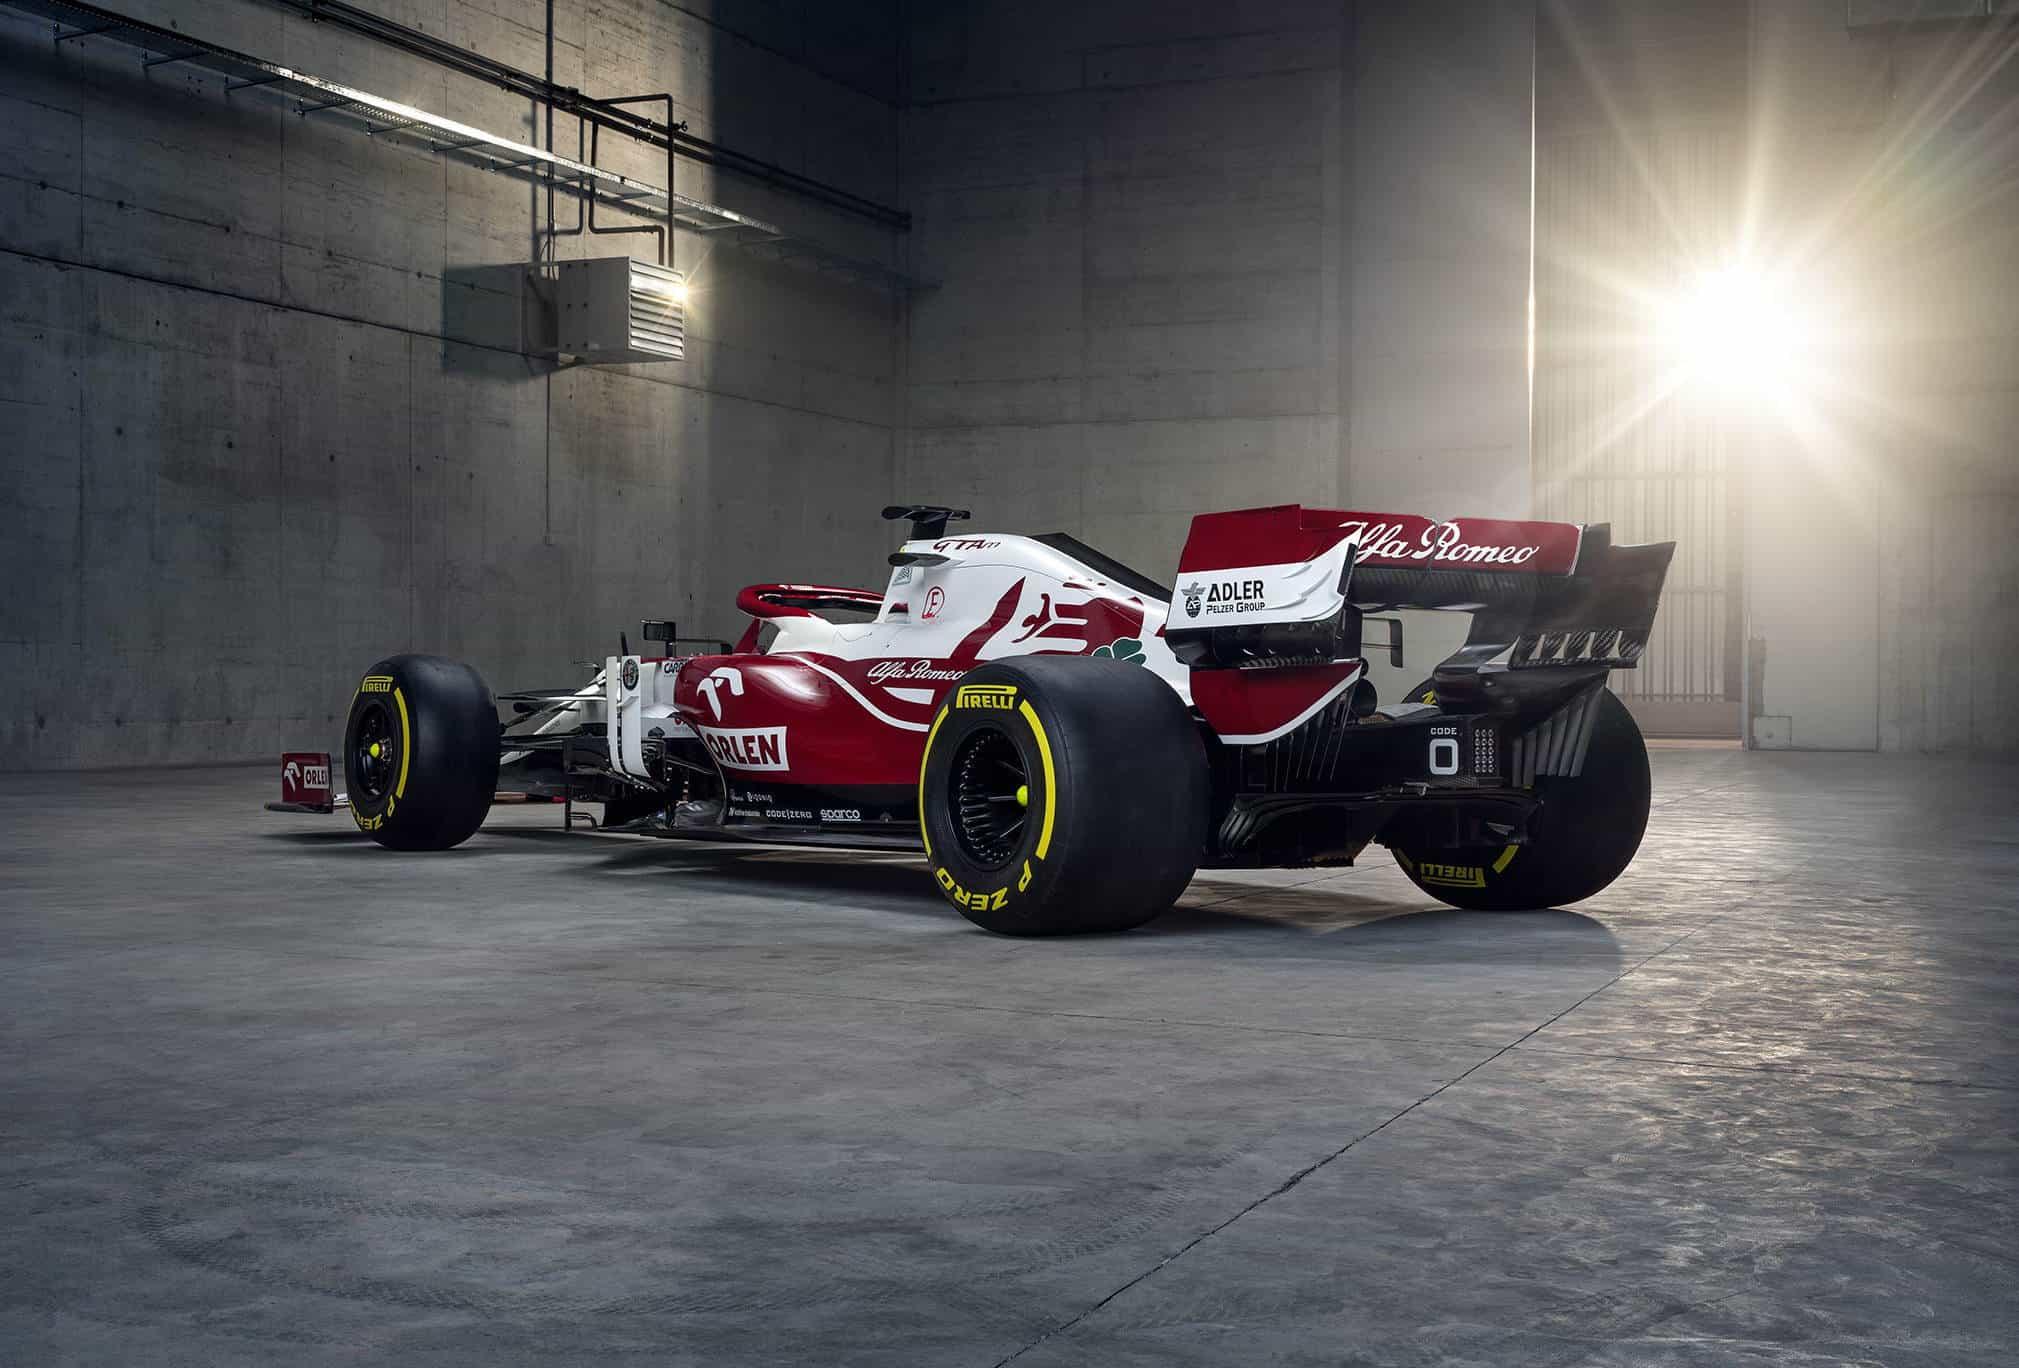 2021 Alfa Romeo C41 rear side Photo Alfa Romeo F1